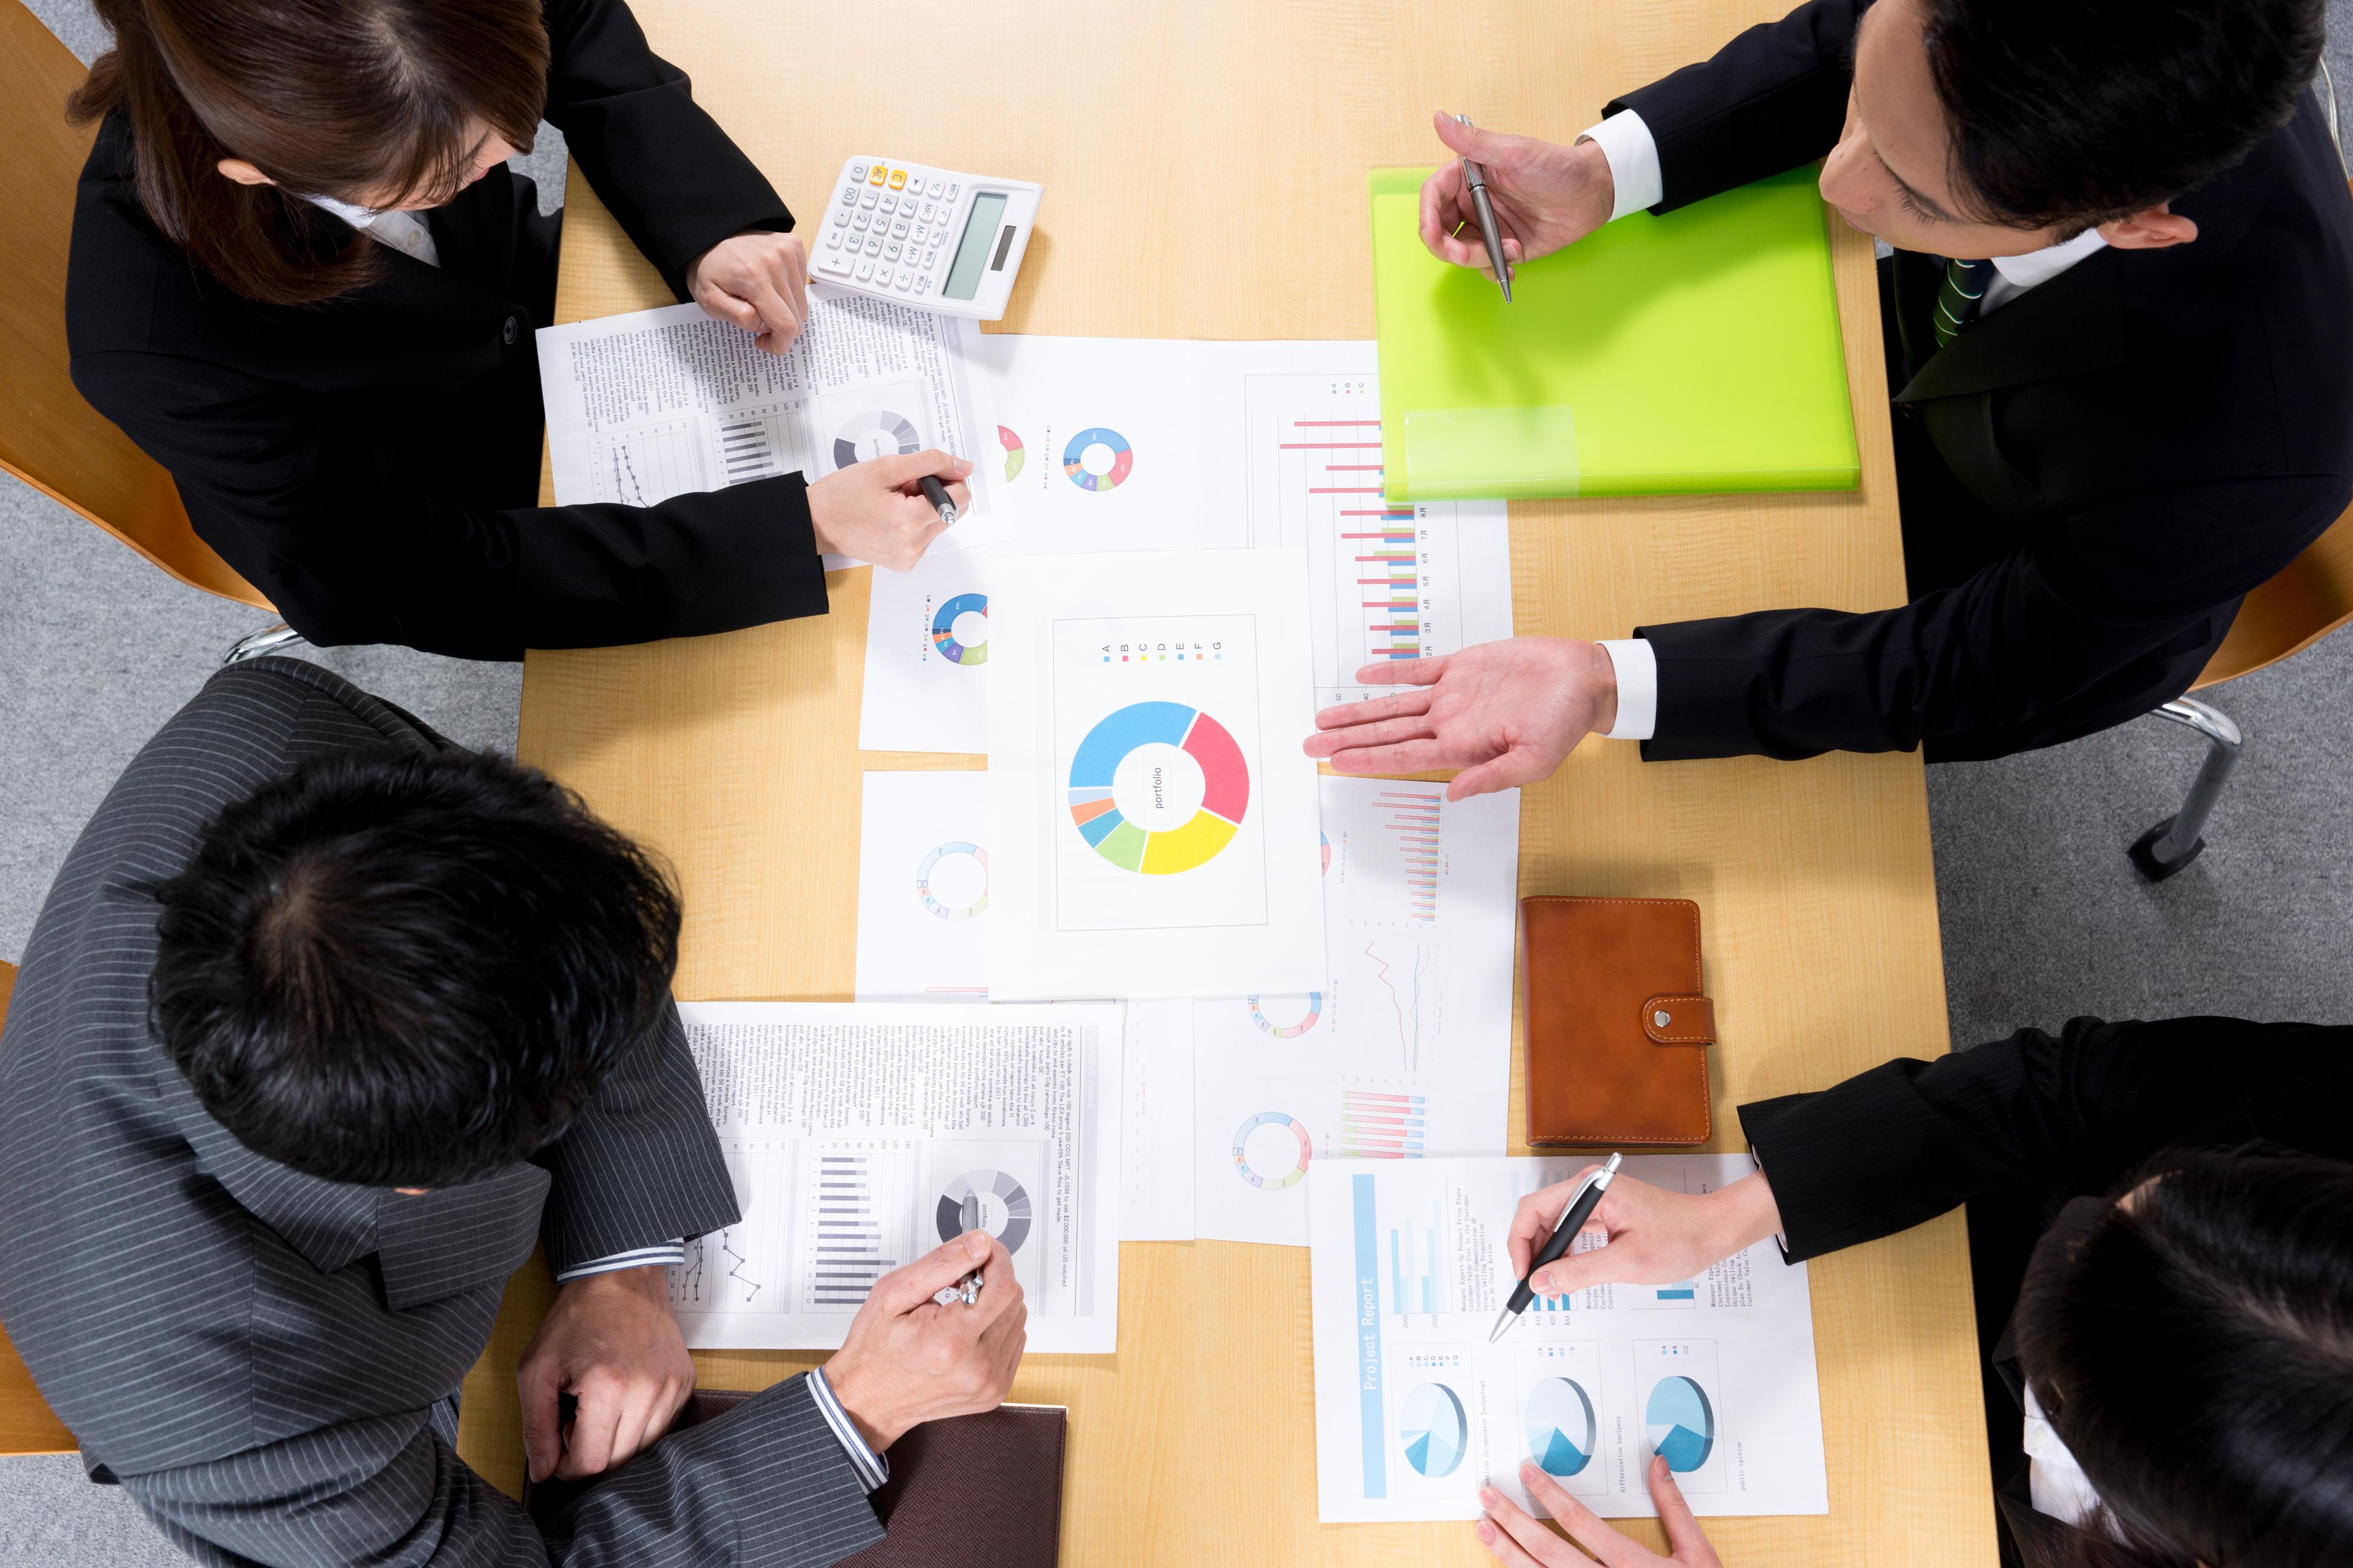 個人投資家になるには?投資初心者におすすめ資産運用の方法【2021年最新ビジネスニュース】